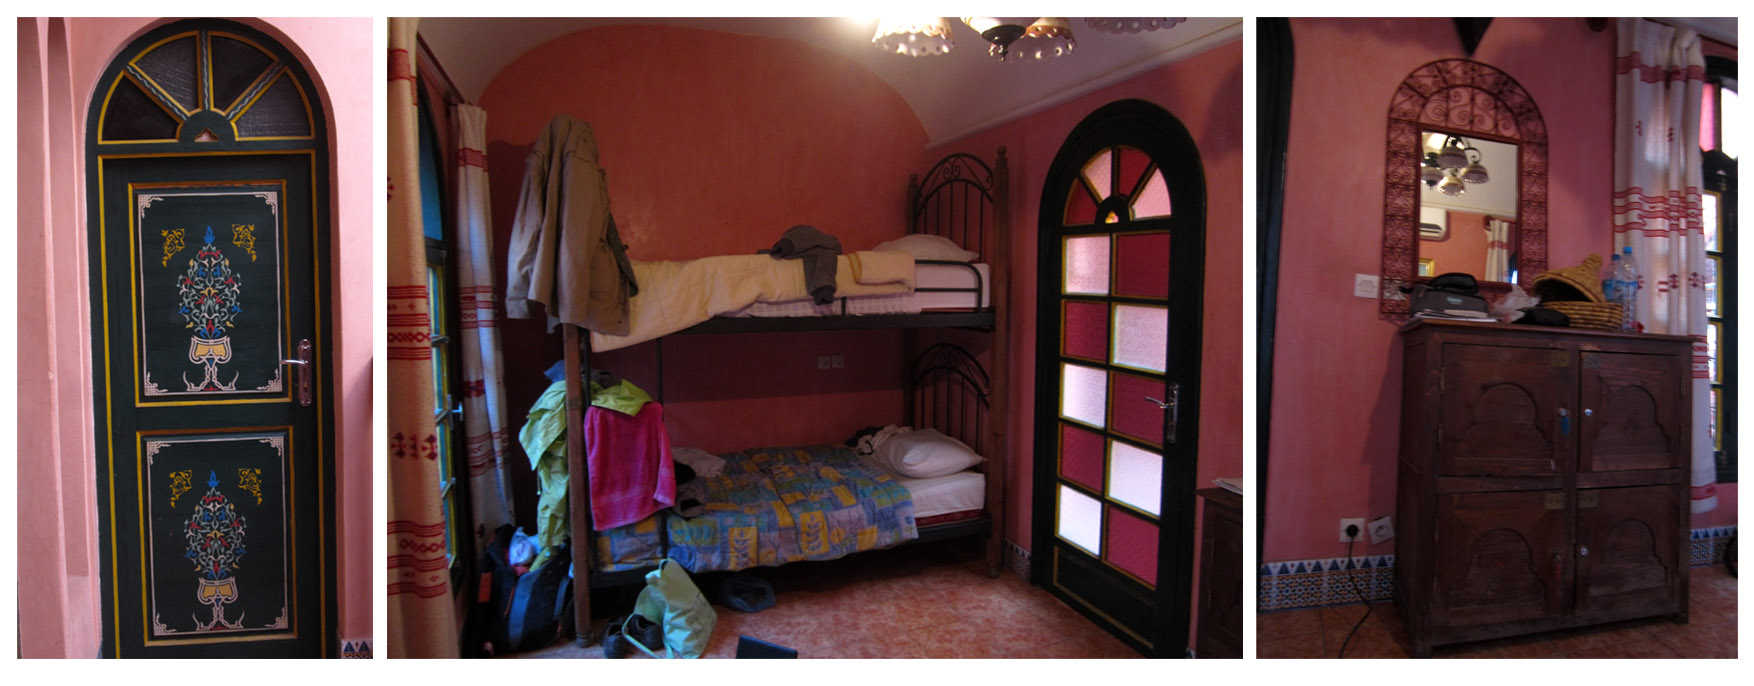 271 Marrakesh hostel No 3 Casa del sol